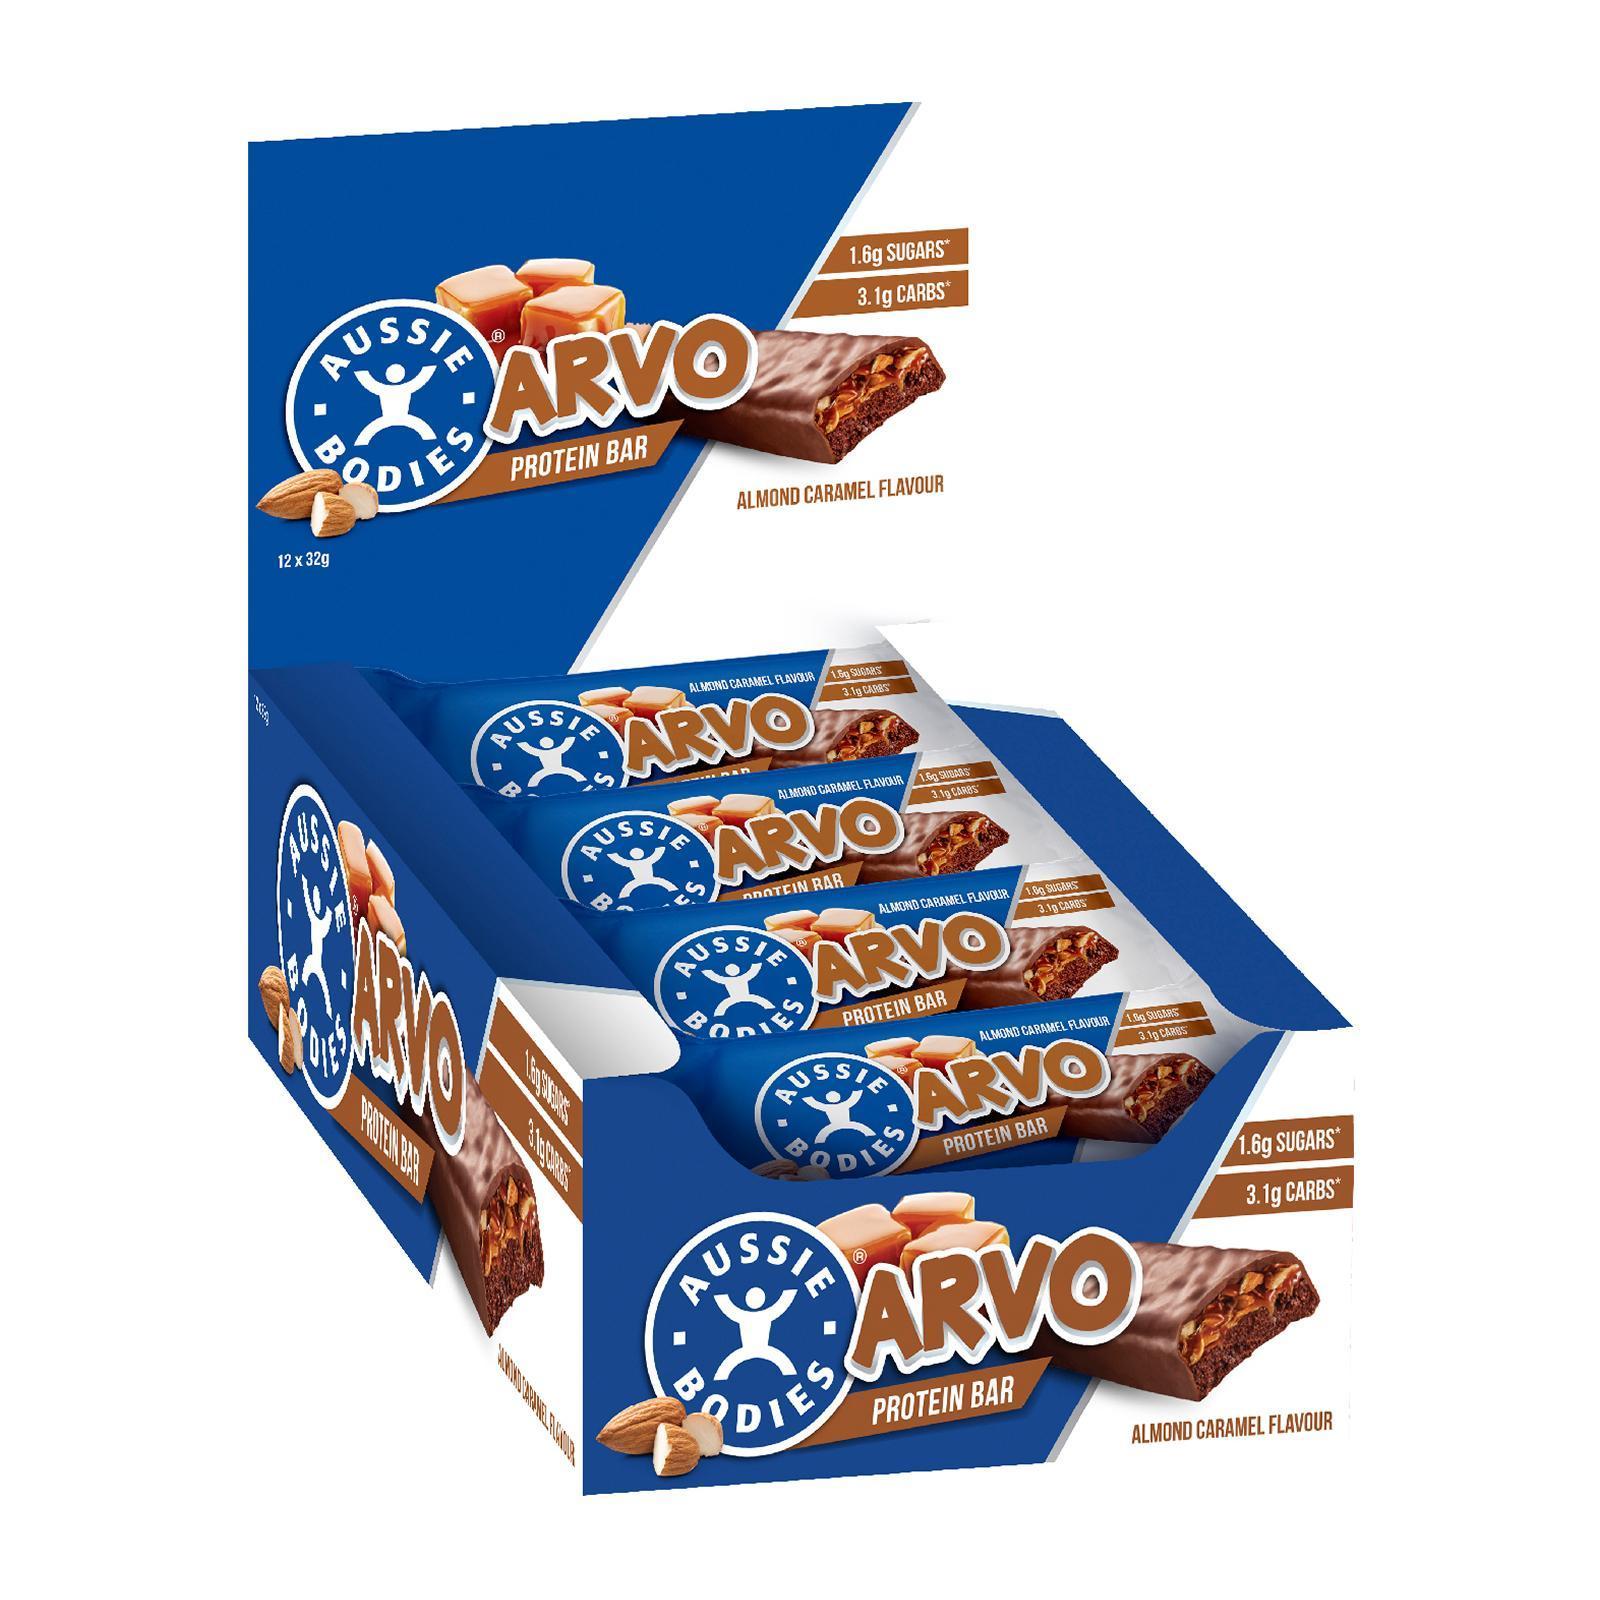 Aussie Bodies Arvo Protein Bar - Almond Caramel